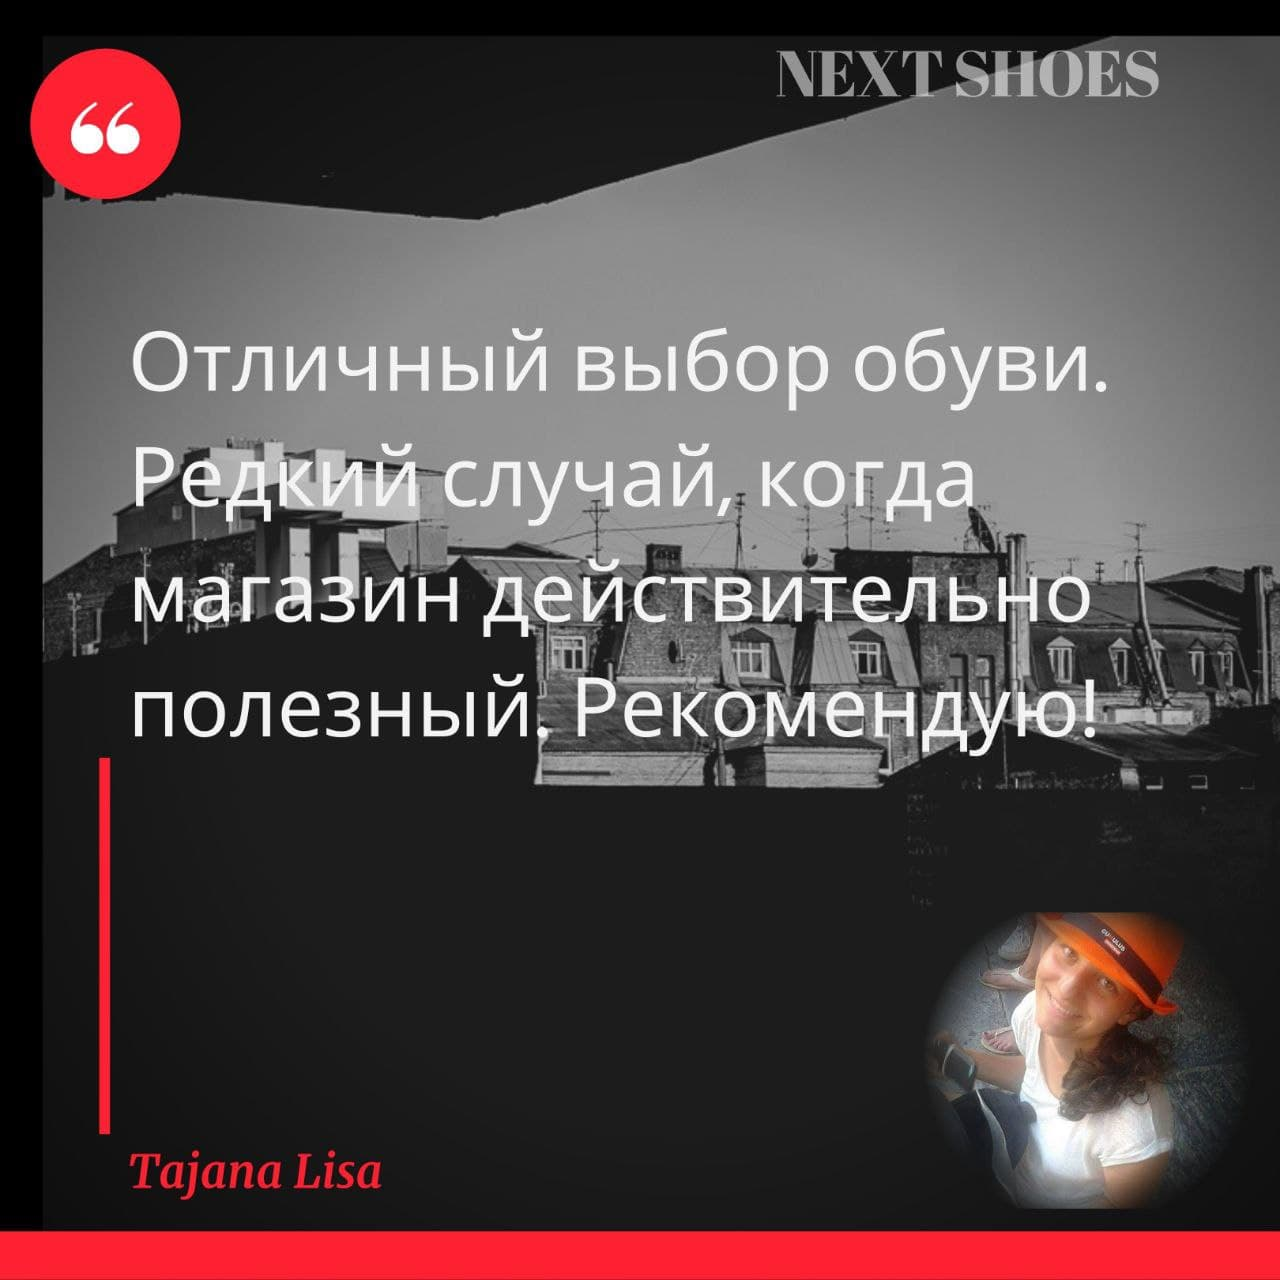 Отзывы об интернет-магазине мужской и женской обуви в Украине NEXT SHOES Татьяна Сиса